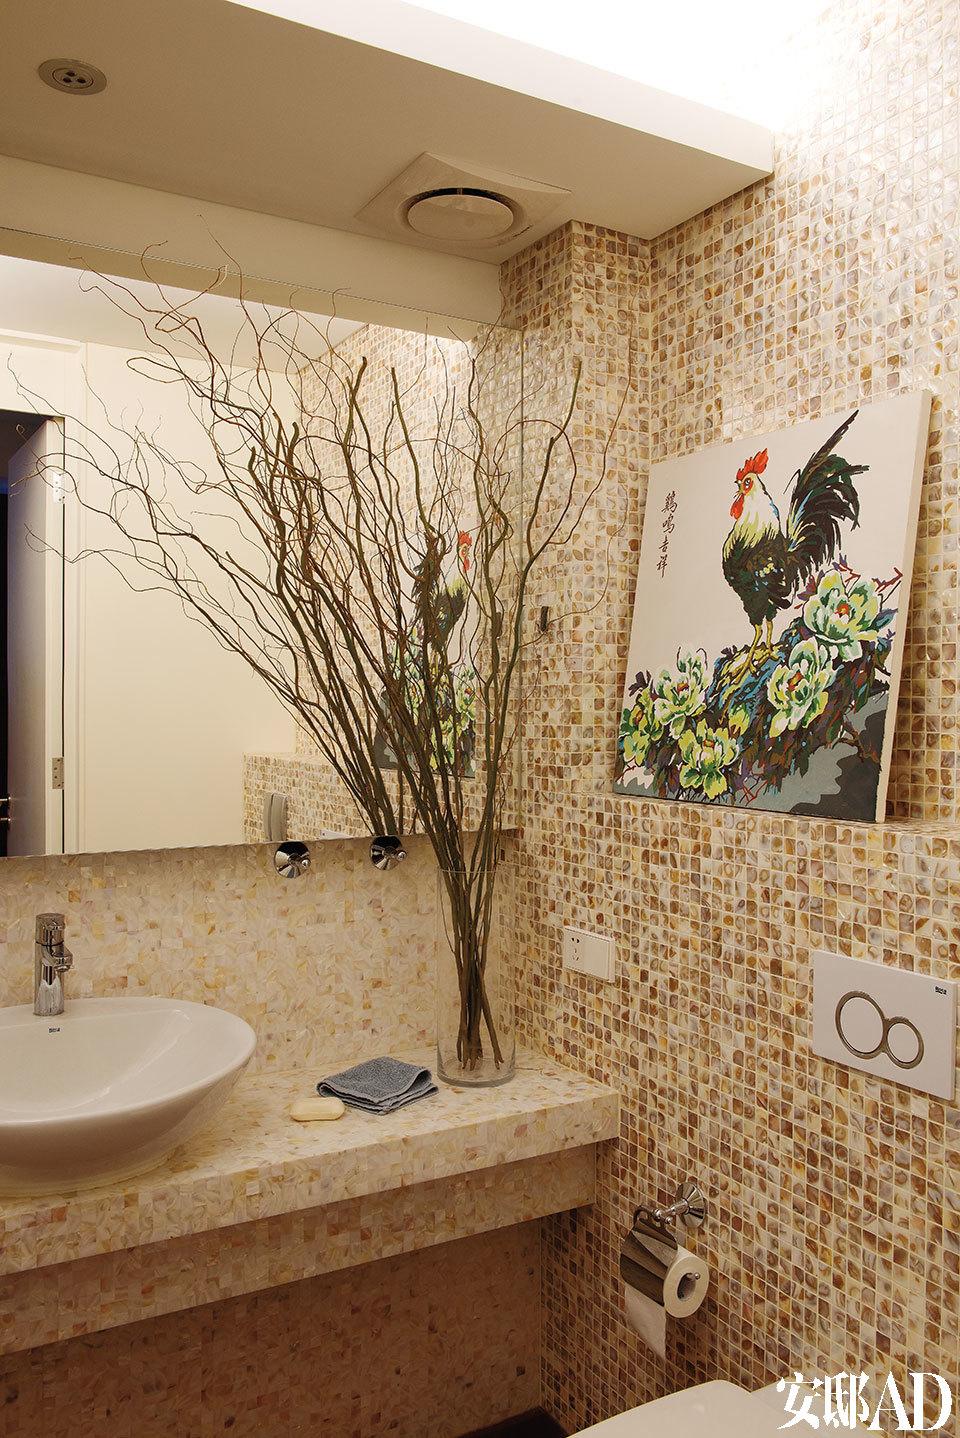 浴室也焕然一新,墙壁上铺设了中性色调的贝壳马赛克,陶瓷面盆和便器来自Roca,墙上的数字油画是陈俊华和儿子一起完成的。